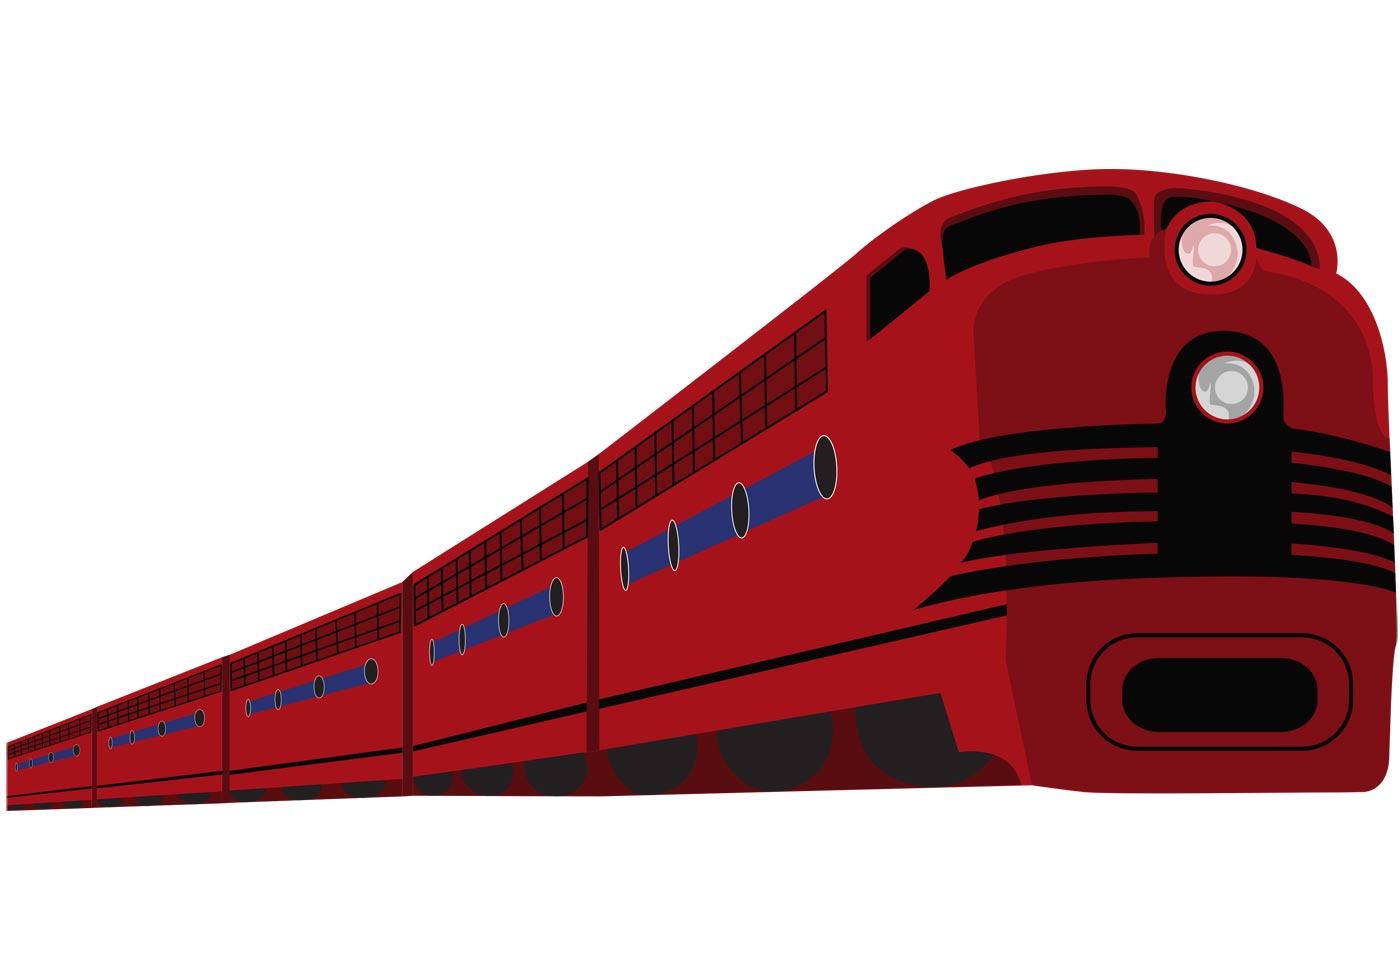 train vector free vector art at vecteezy locomotive clip art side locomotive clip art free